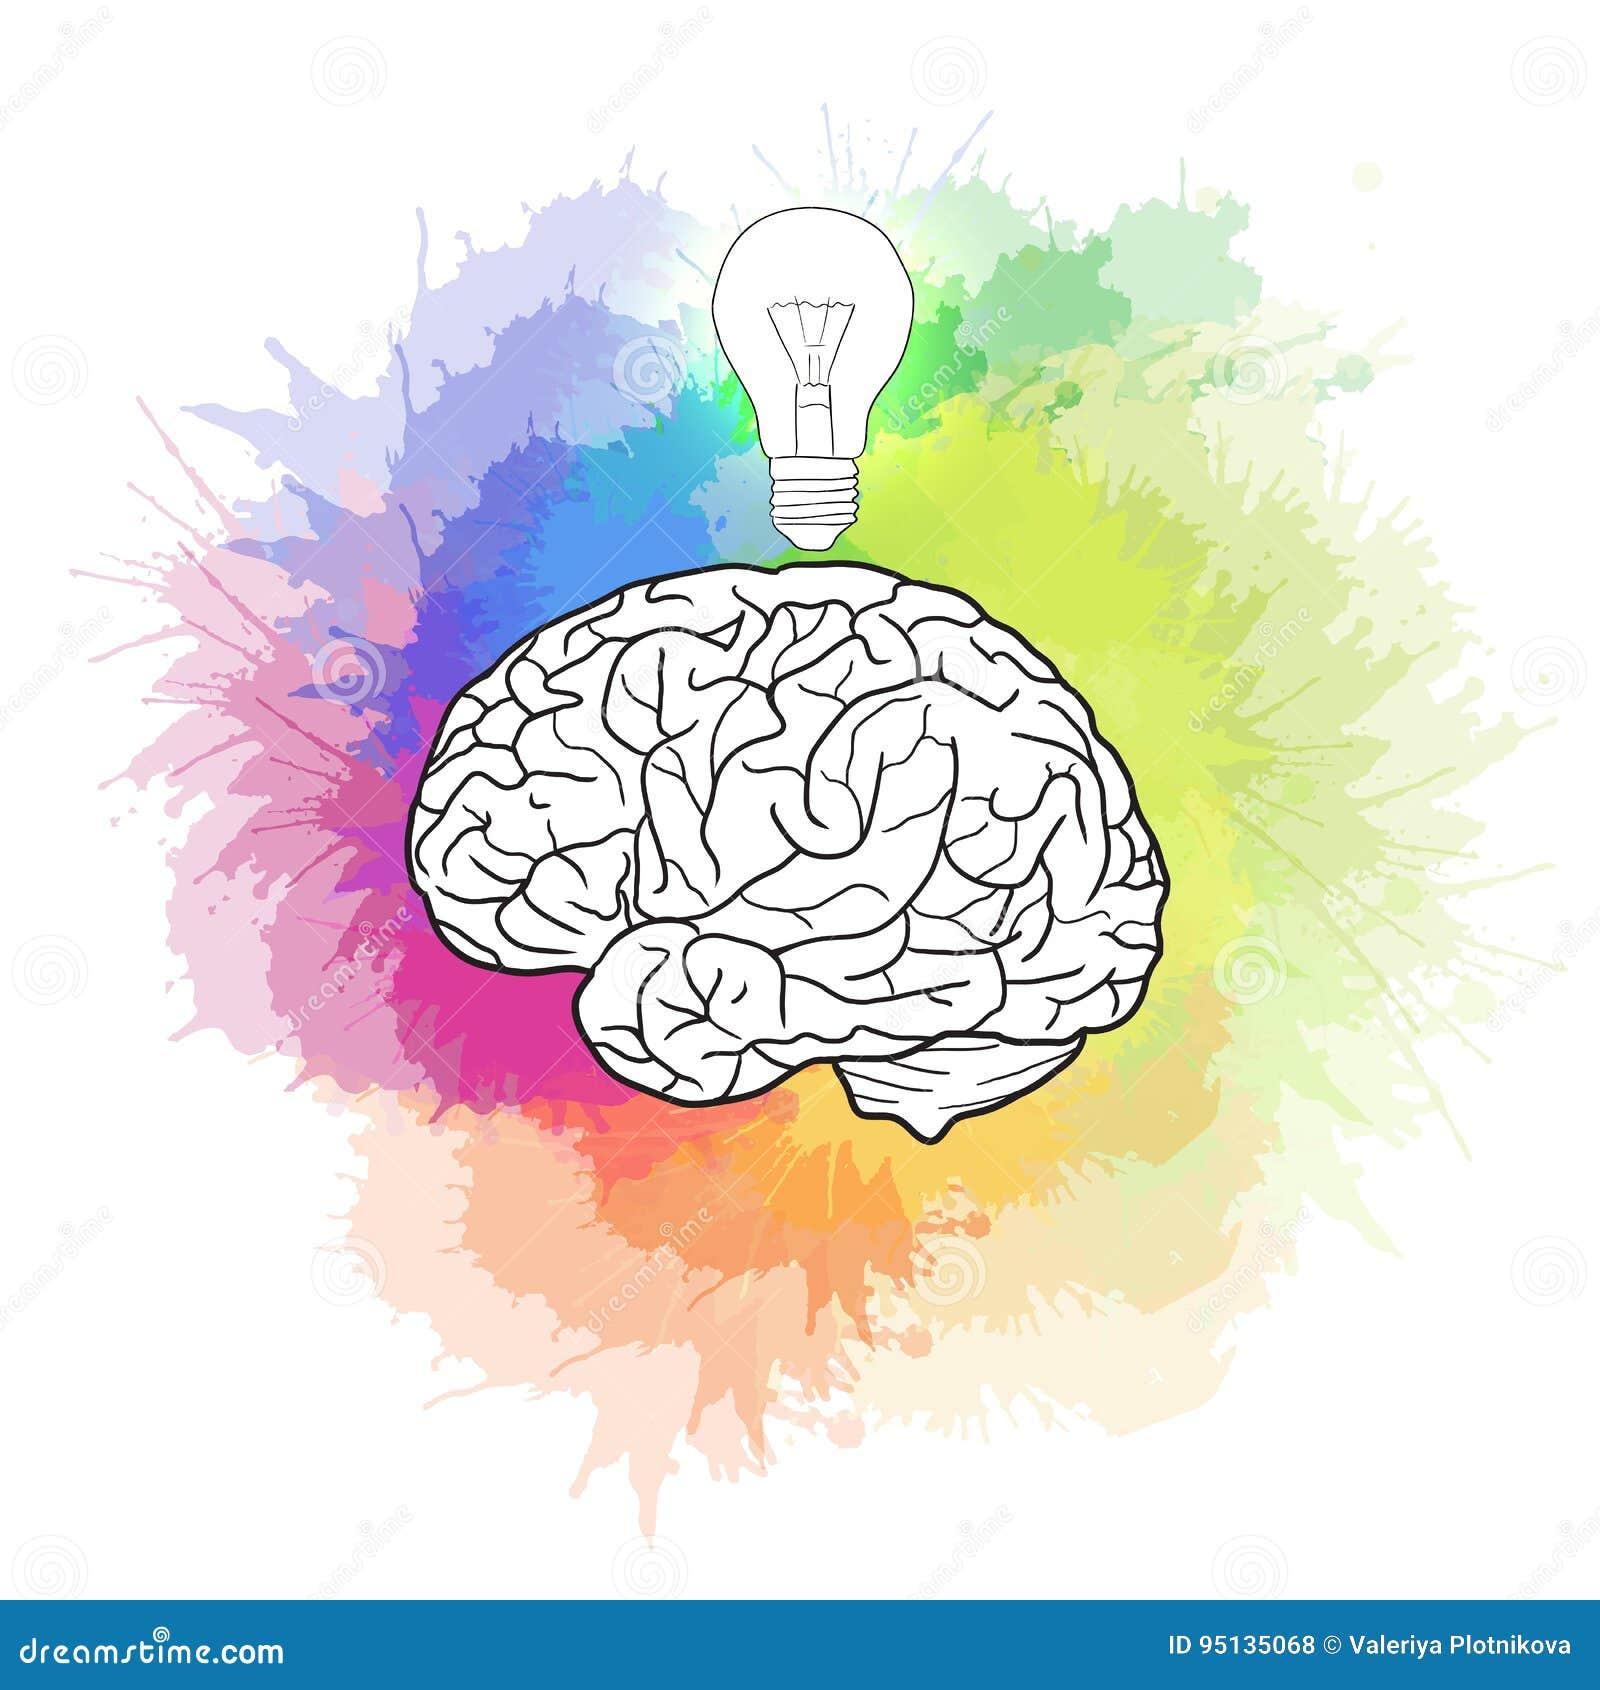 Ilustração linear do cérebro humano com ampola